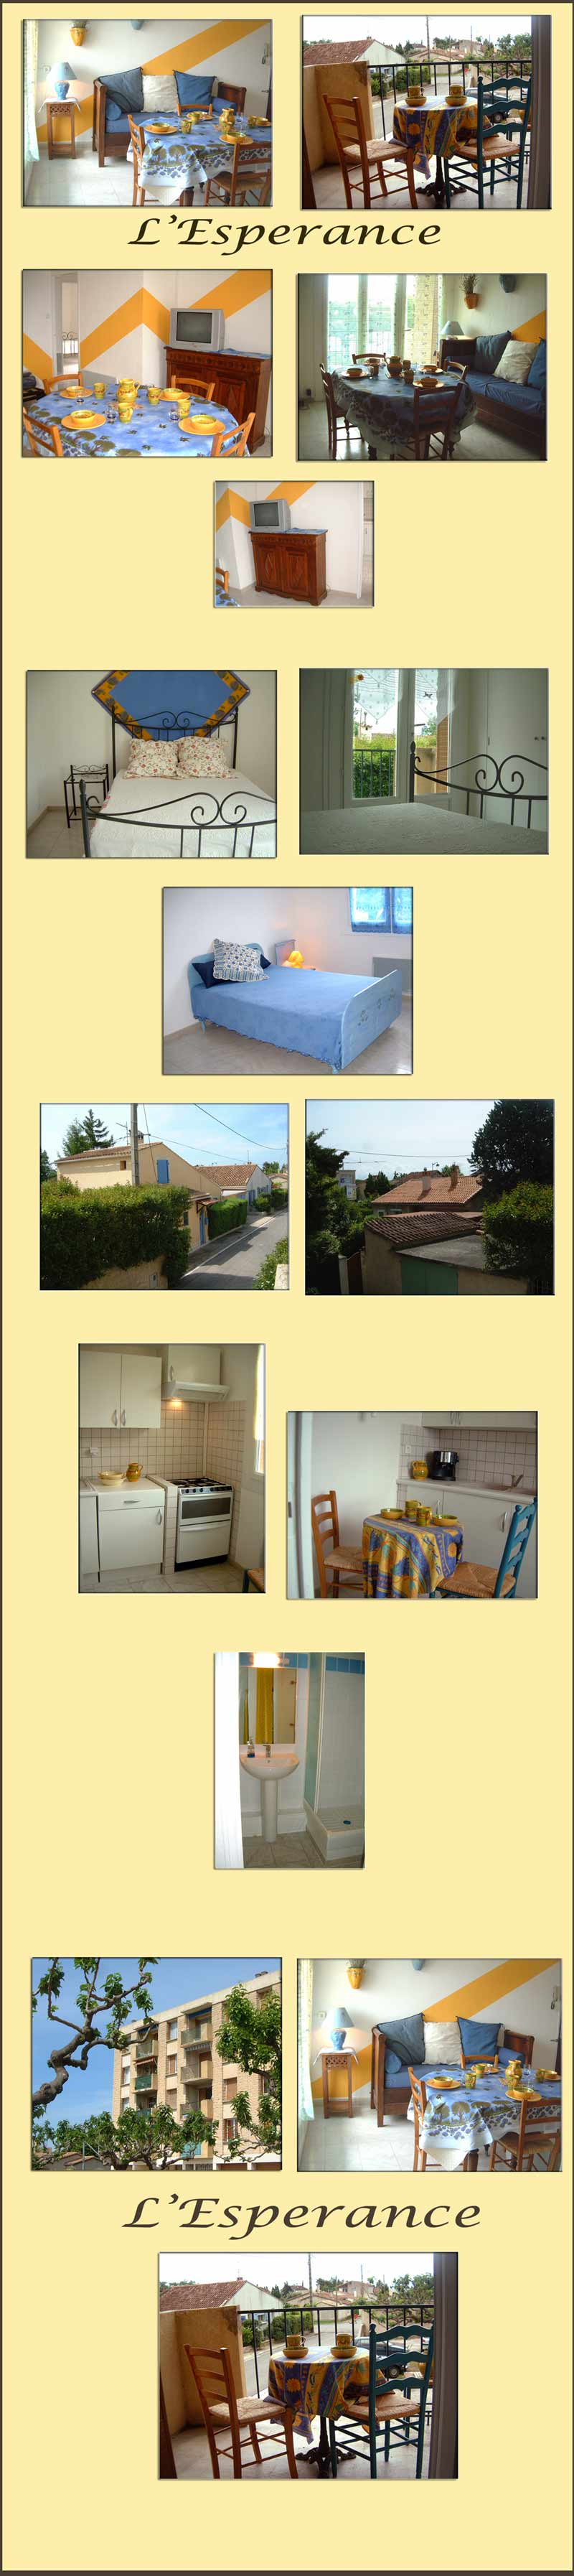 logement vaucluse l 39 esperance location vacances pas cher provence france. Black Bedroom Furniture Sets. Home Design Ideas